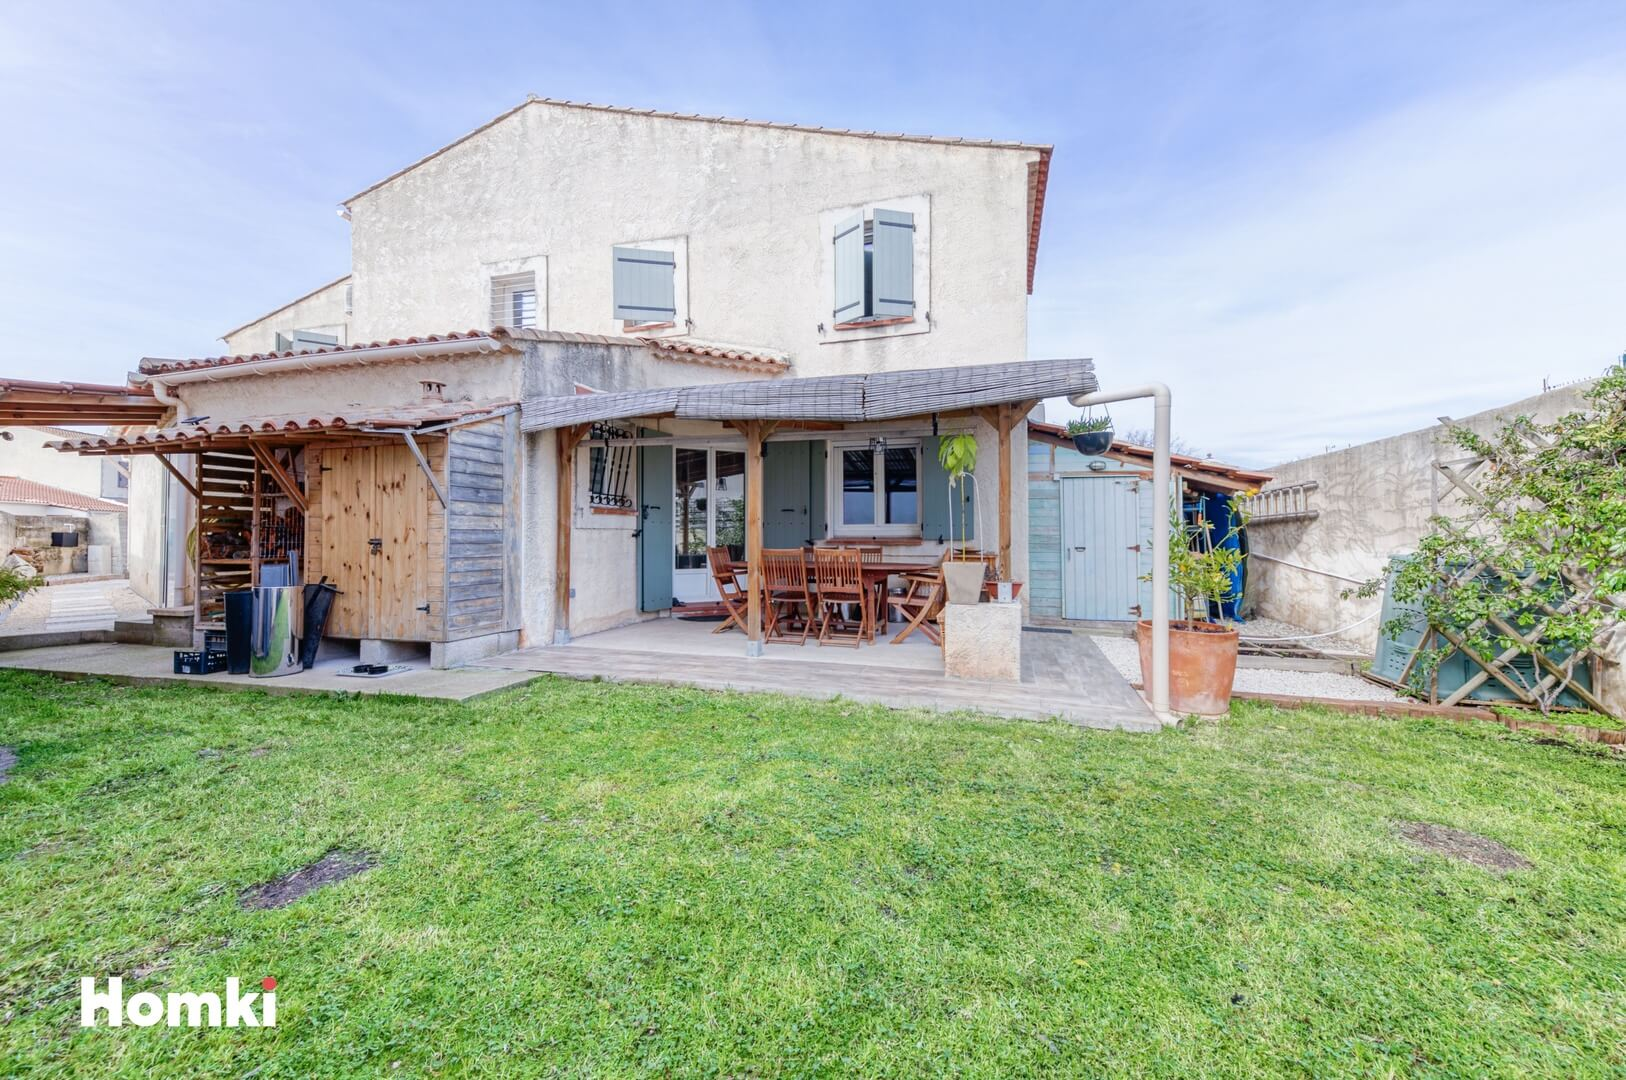 Homki - Vente Maison/villa  de 120.0 m² à Marignane 13700